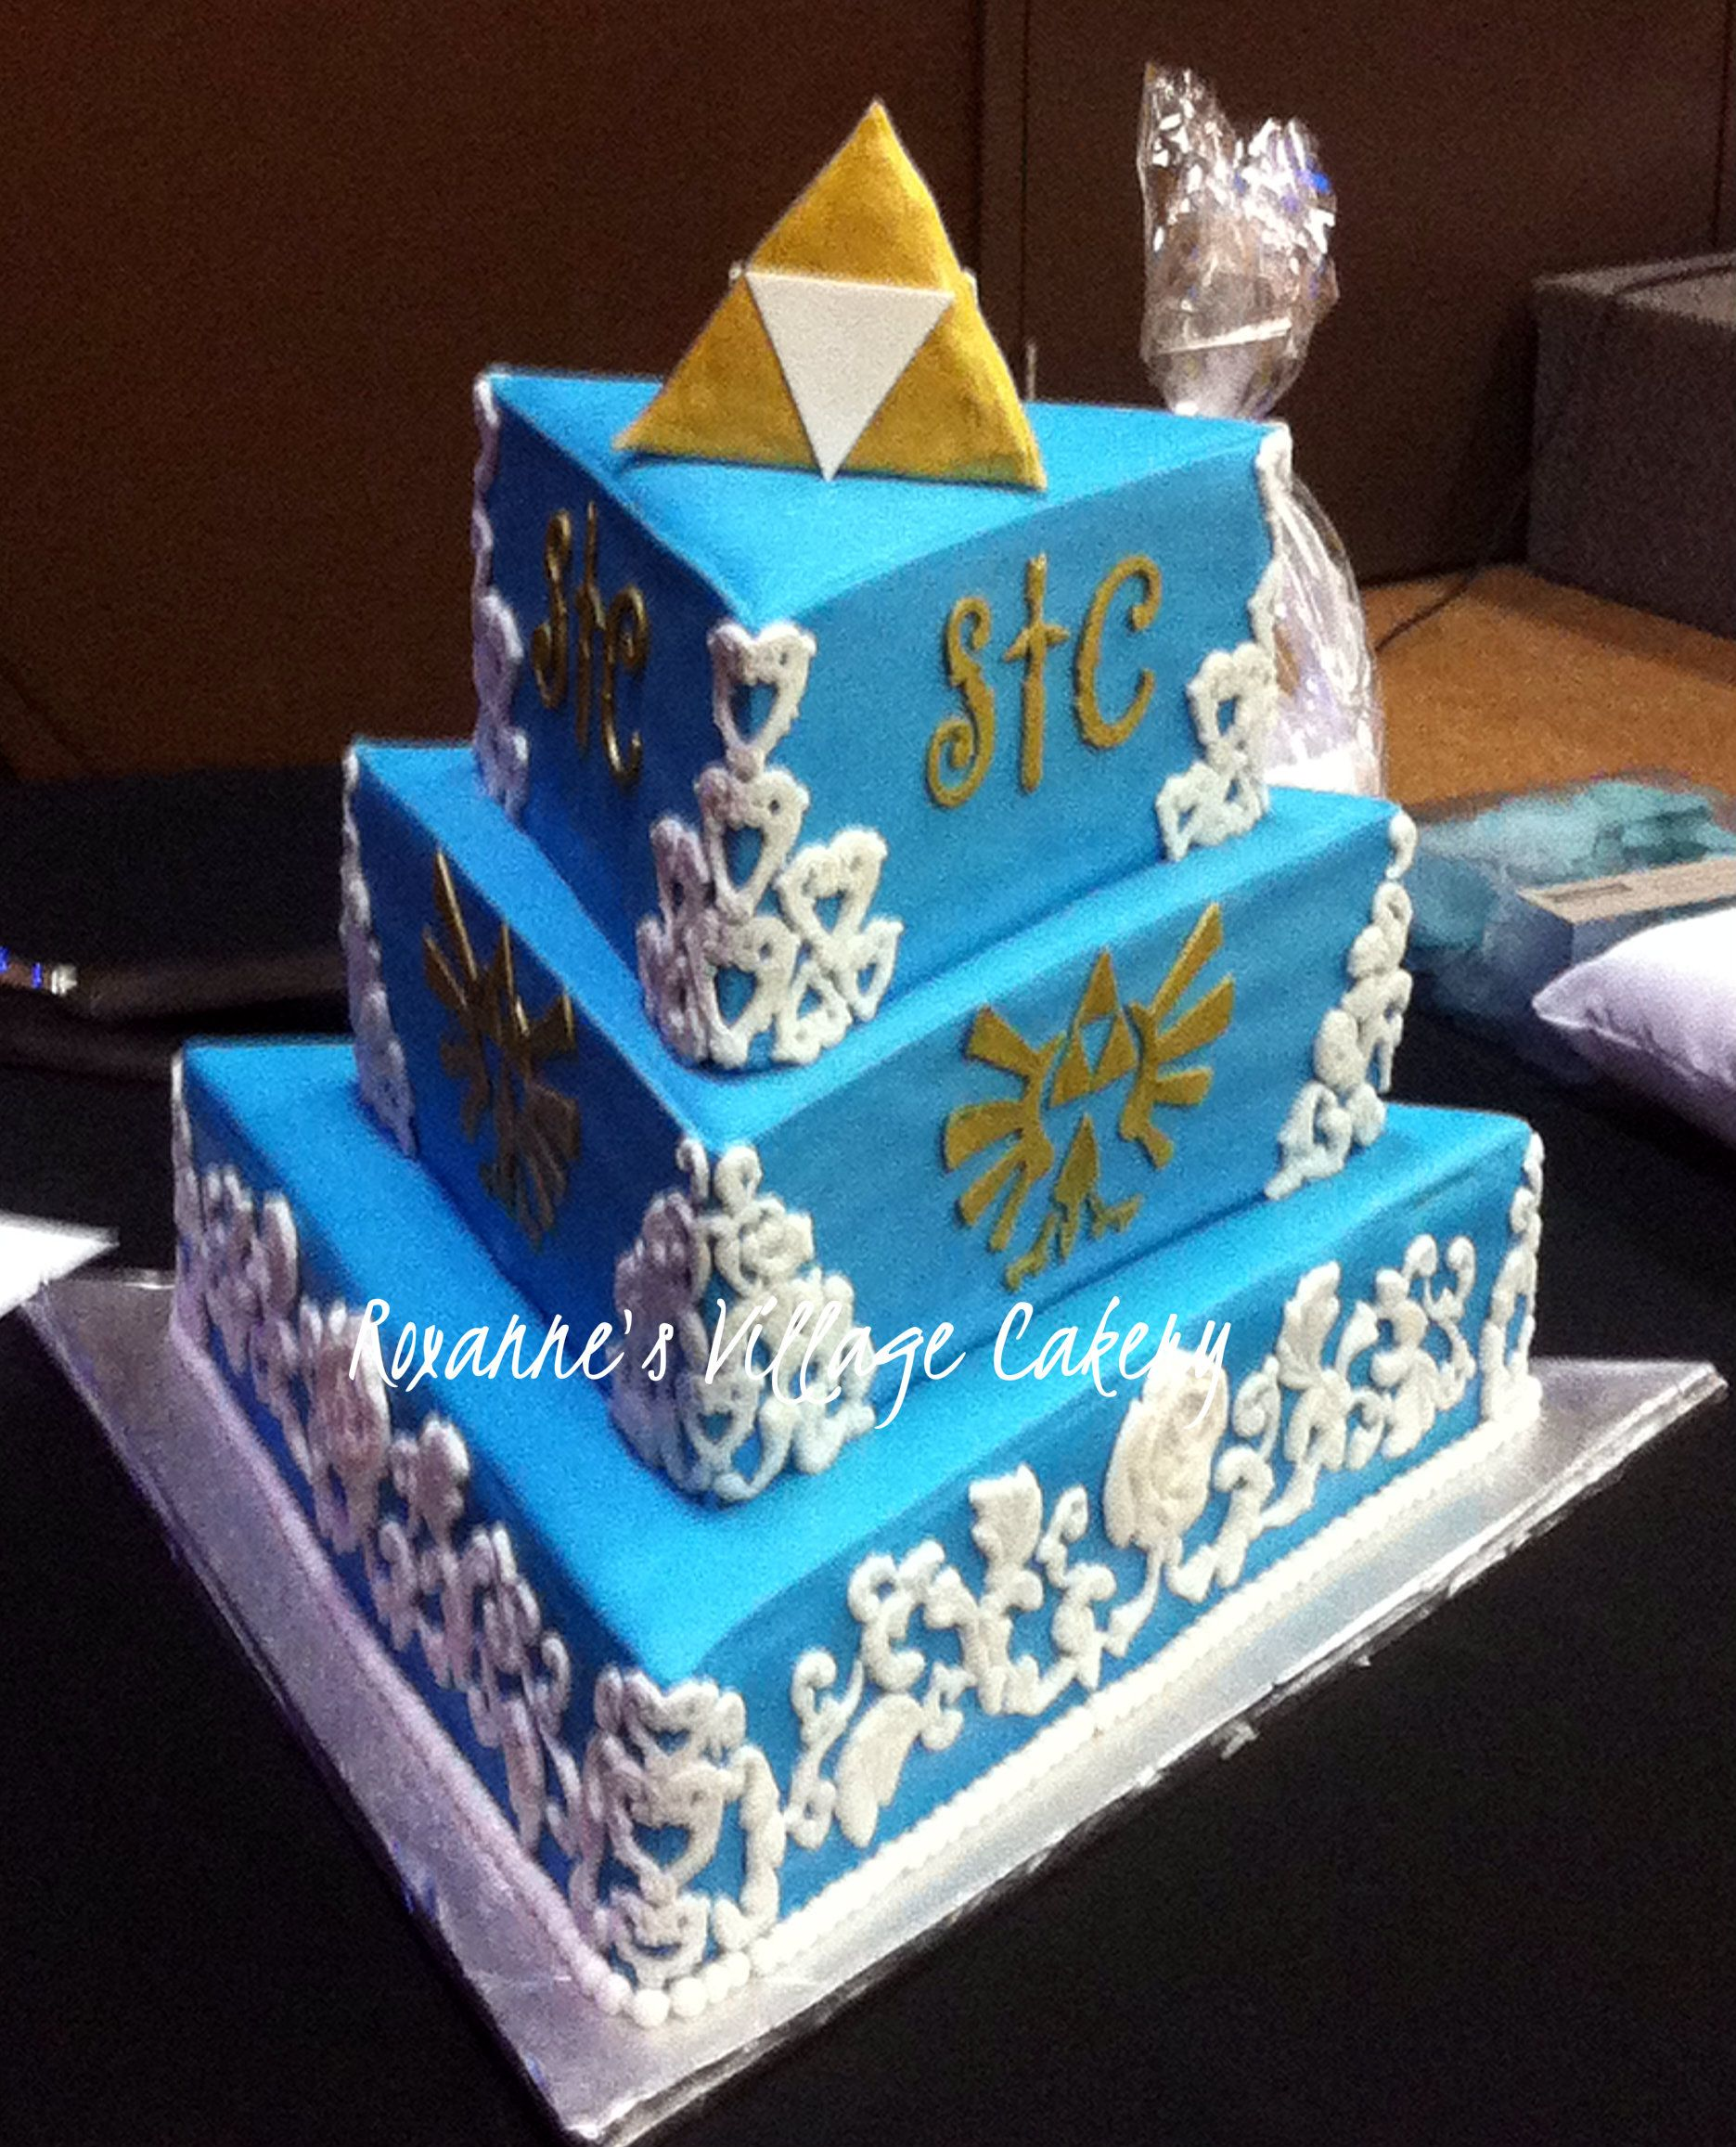 Zelda triforce wedding cake awe pinterest wedding cake cake zelda triforce wedding cake biocorpaavc Image collections